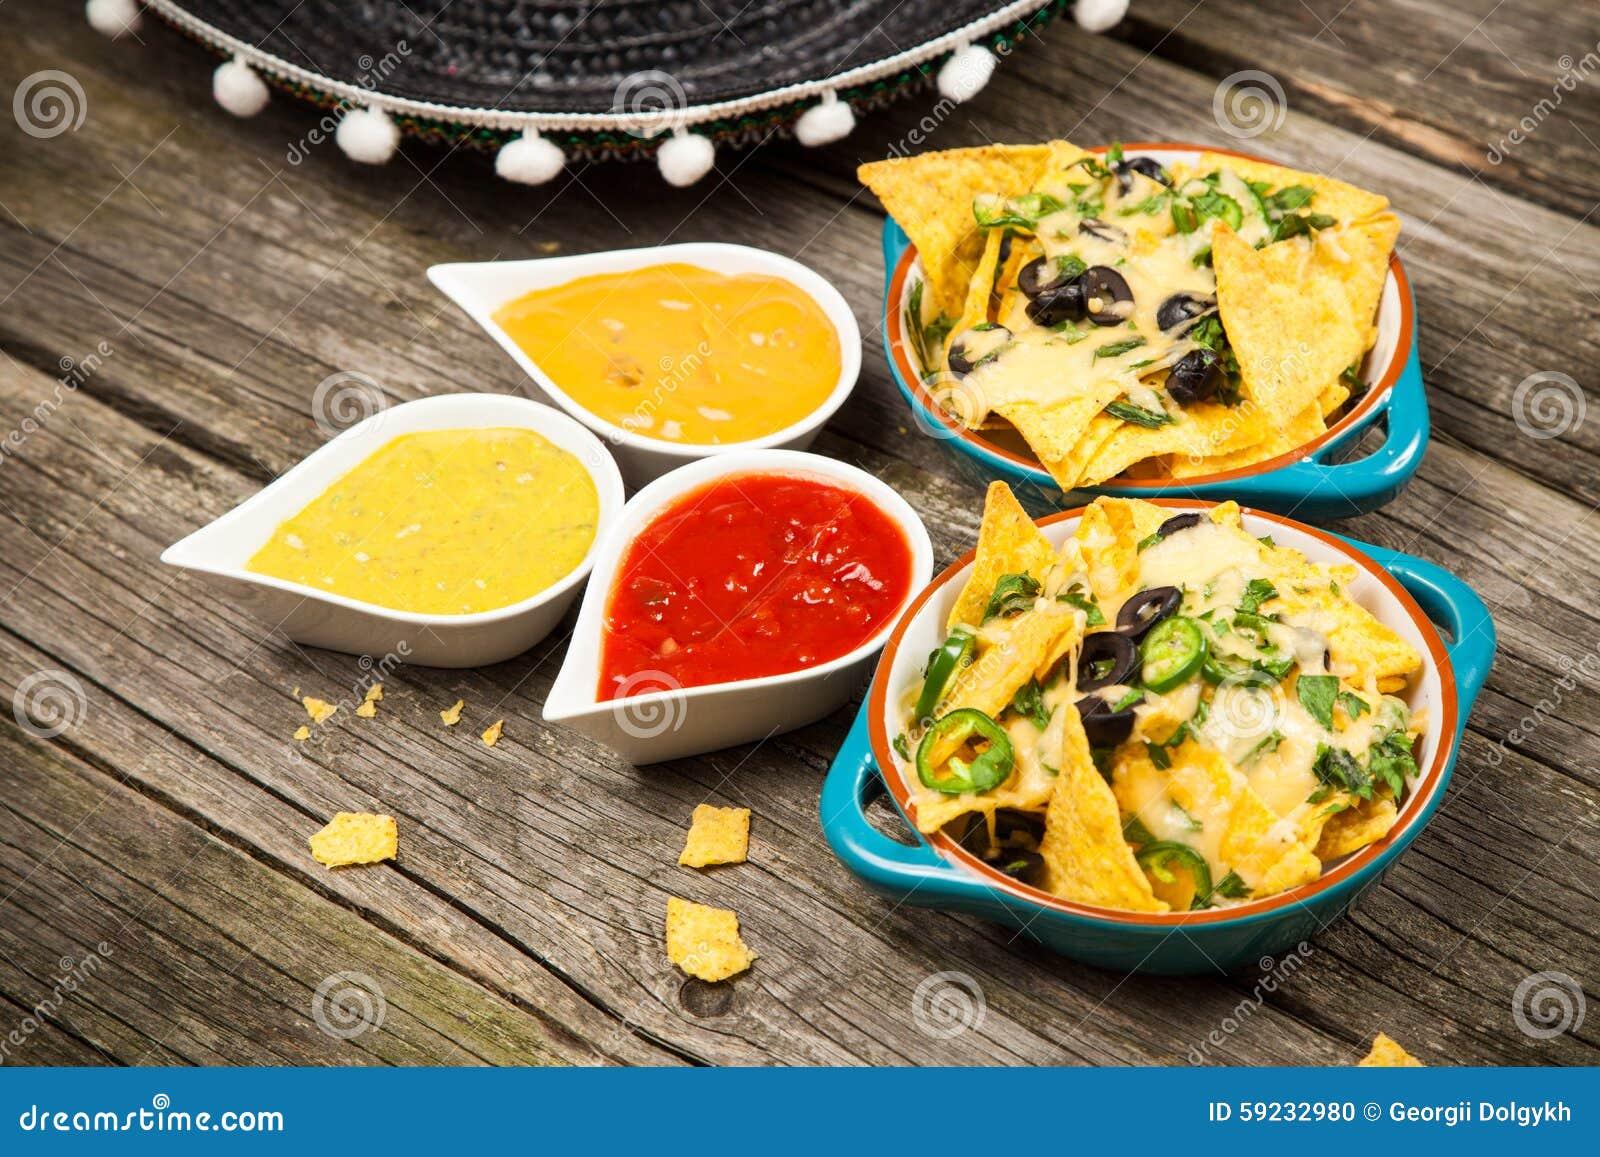 Download Nachos con queso derretido foto de archivo. Imagen de mexicano - 59232980